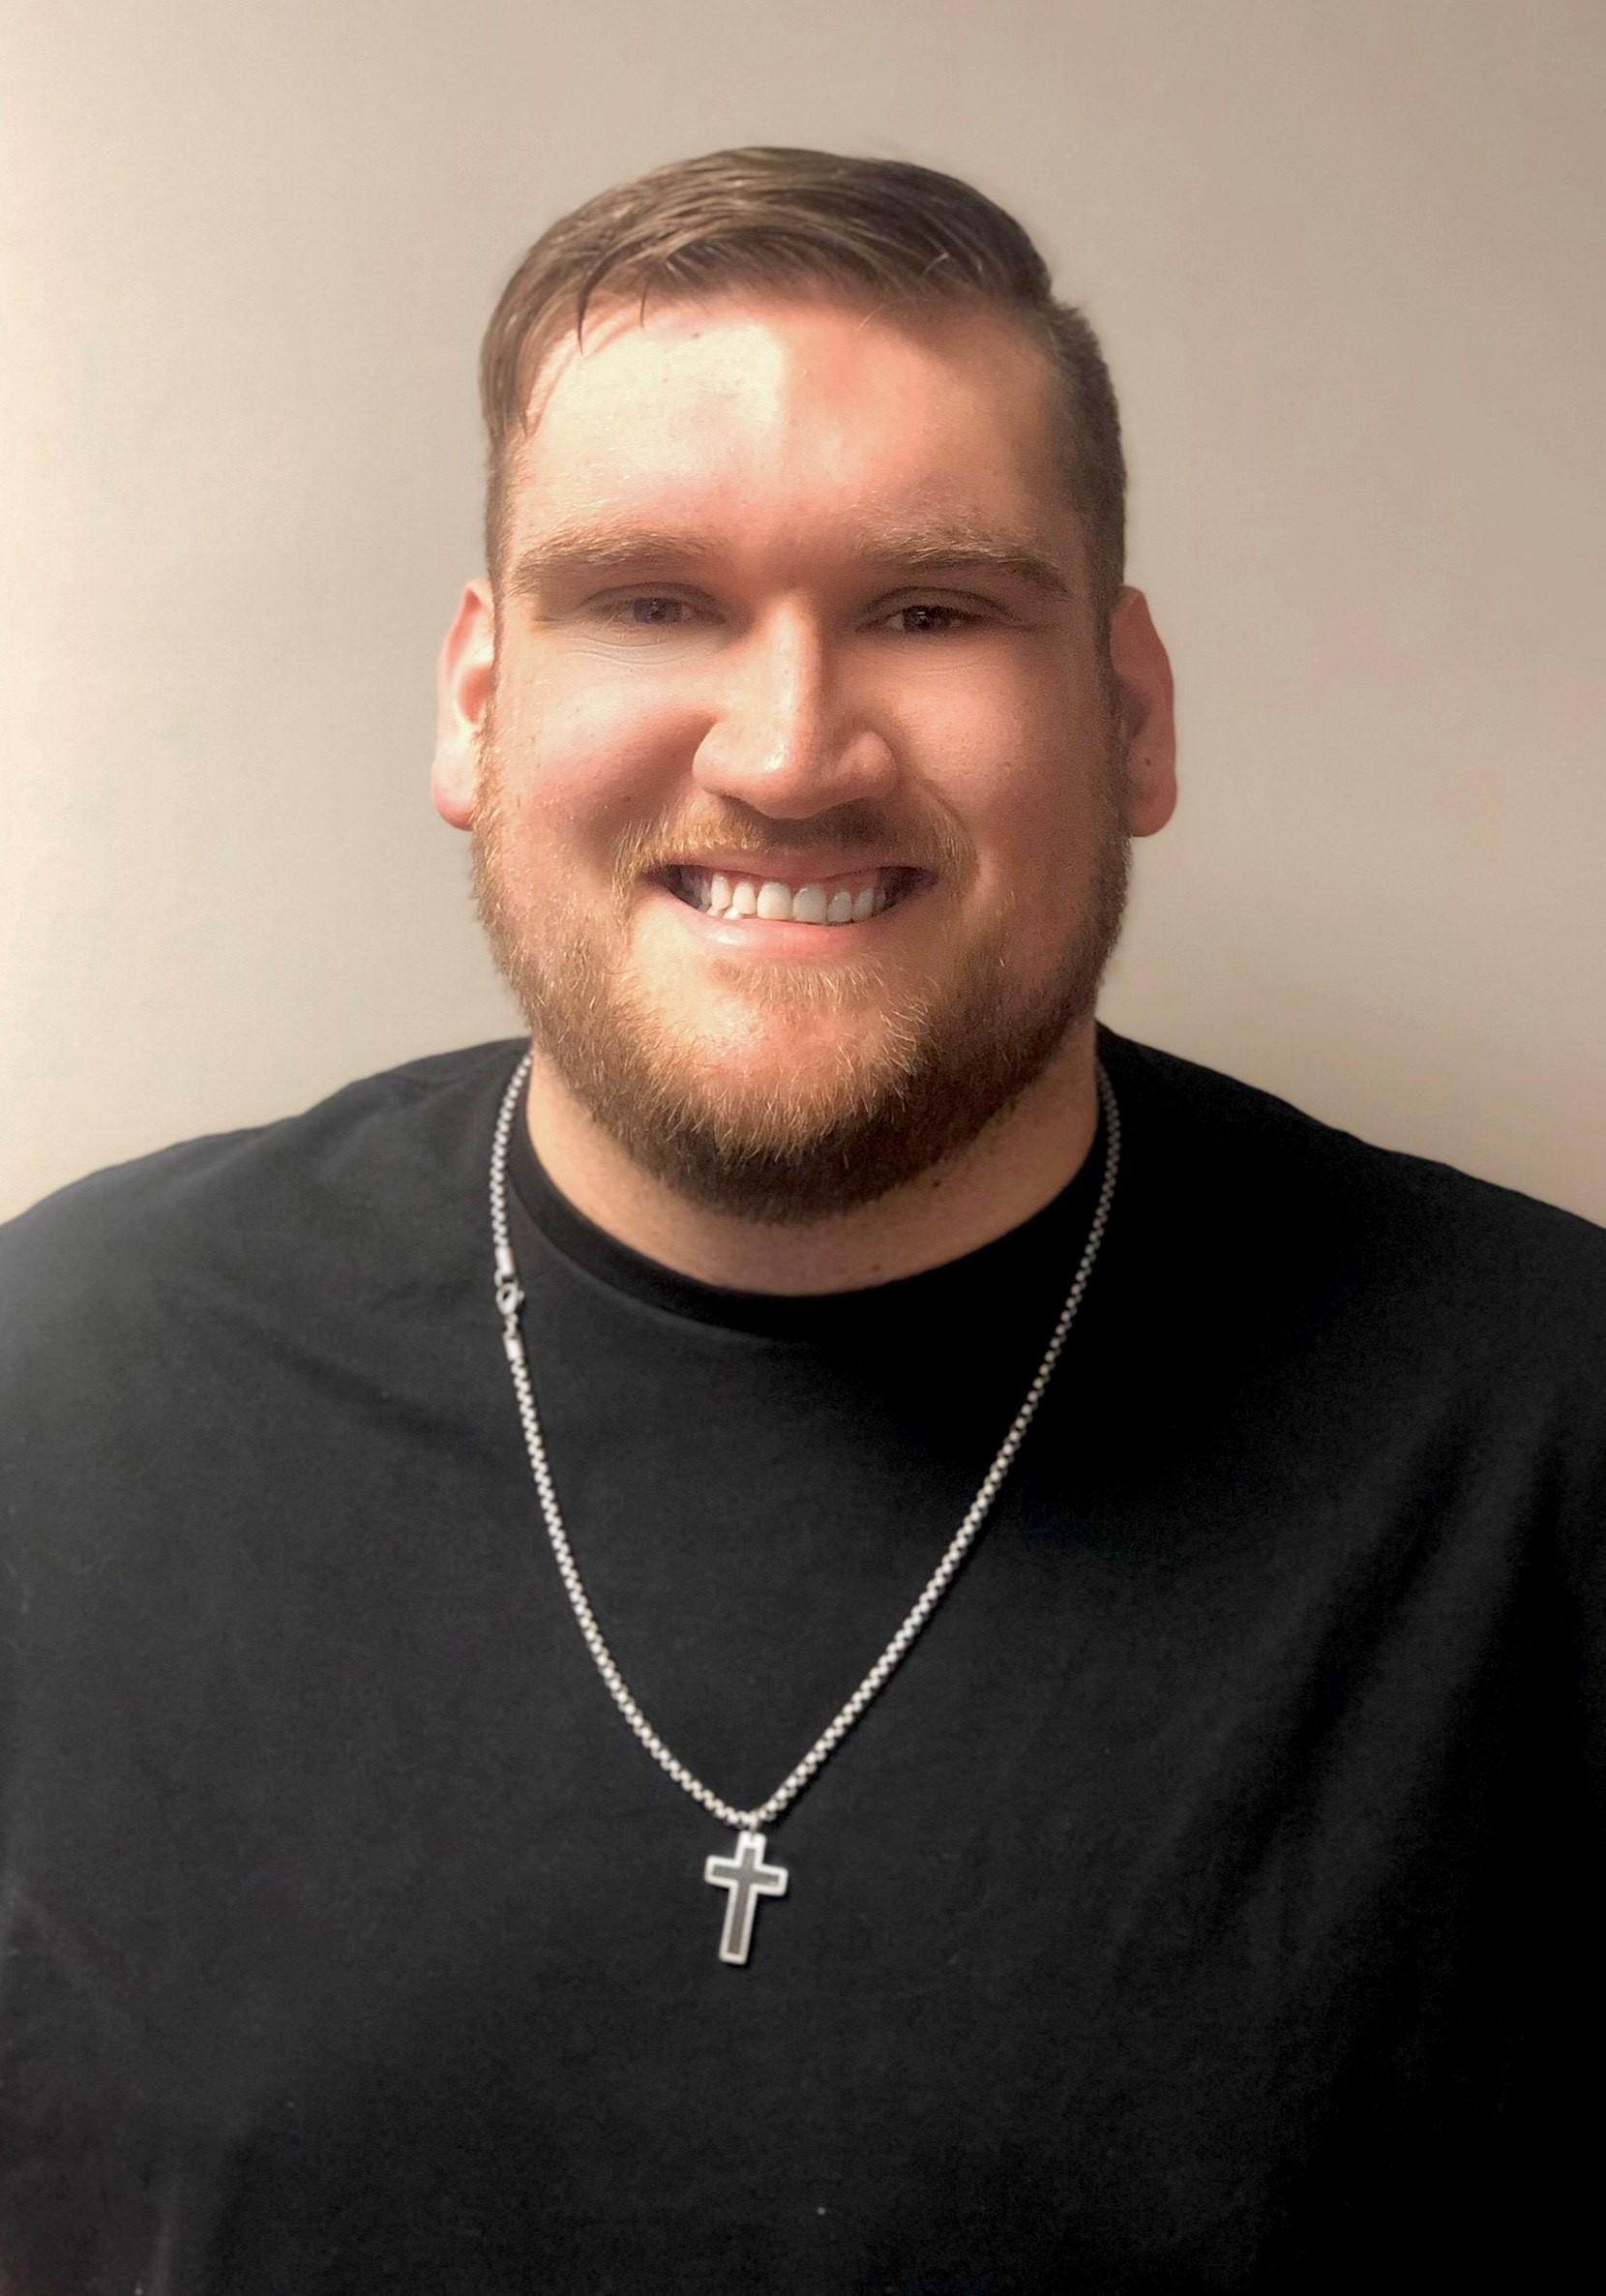 Portrait of Kyle Comer